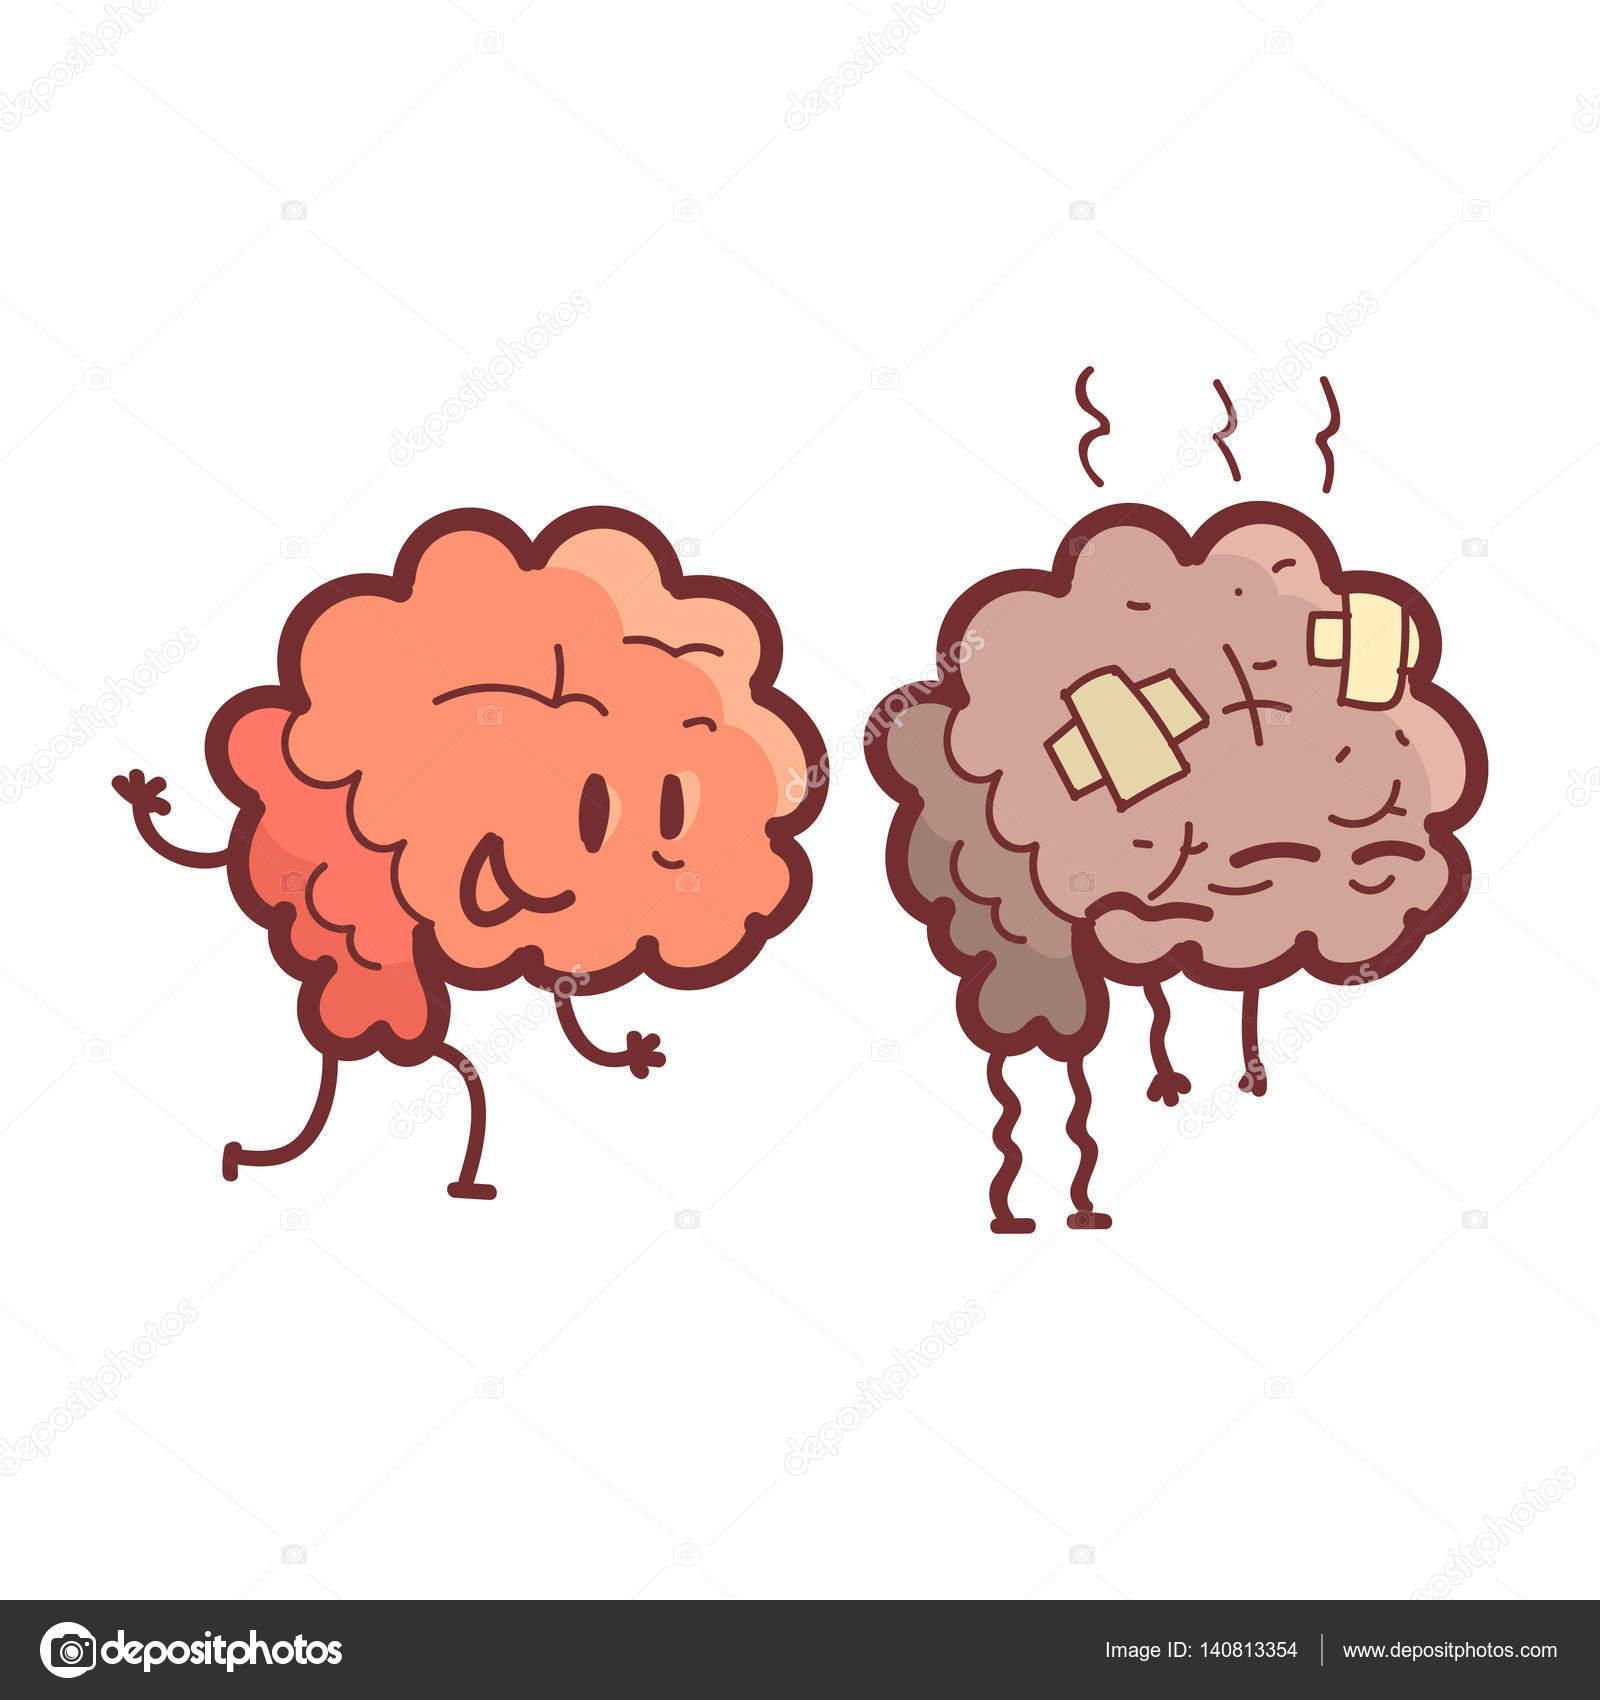 Gehirn menschliche innere Organ gesund Vs ungesund, medizinische ...